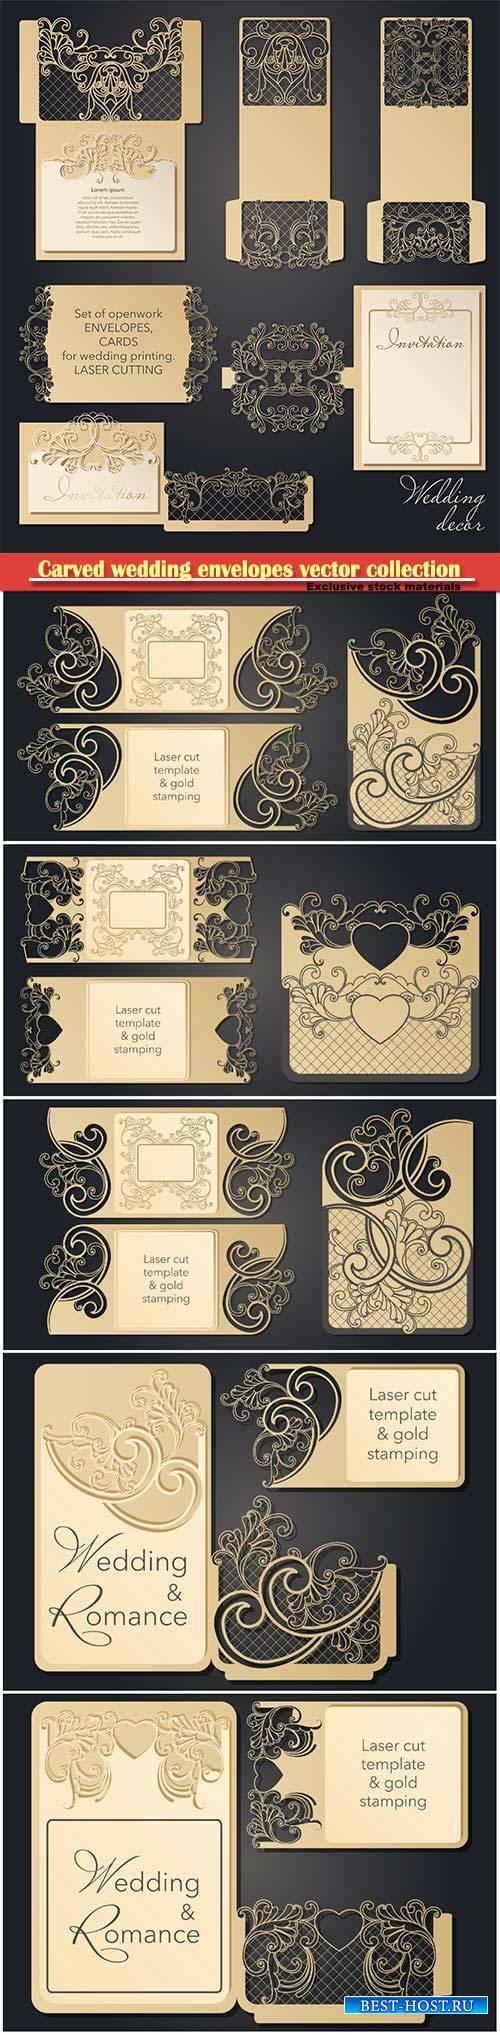 Carved wedding envelopes, pockets for laser cutting, pocket for congratulat ...